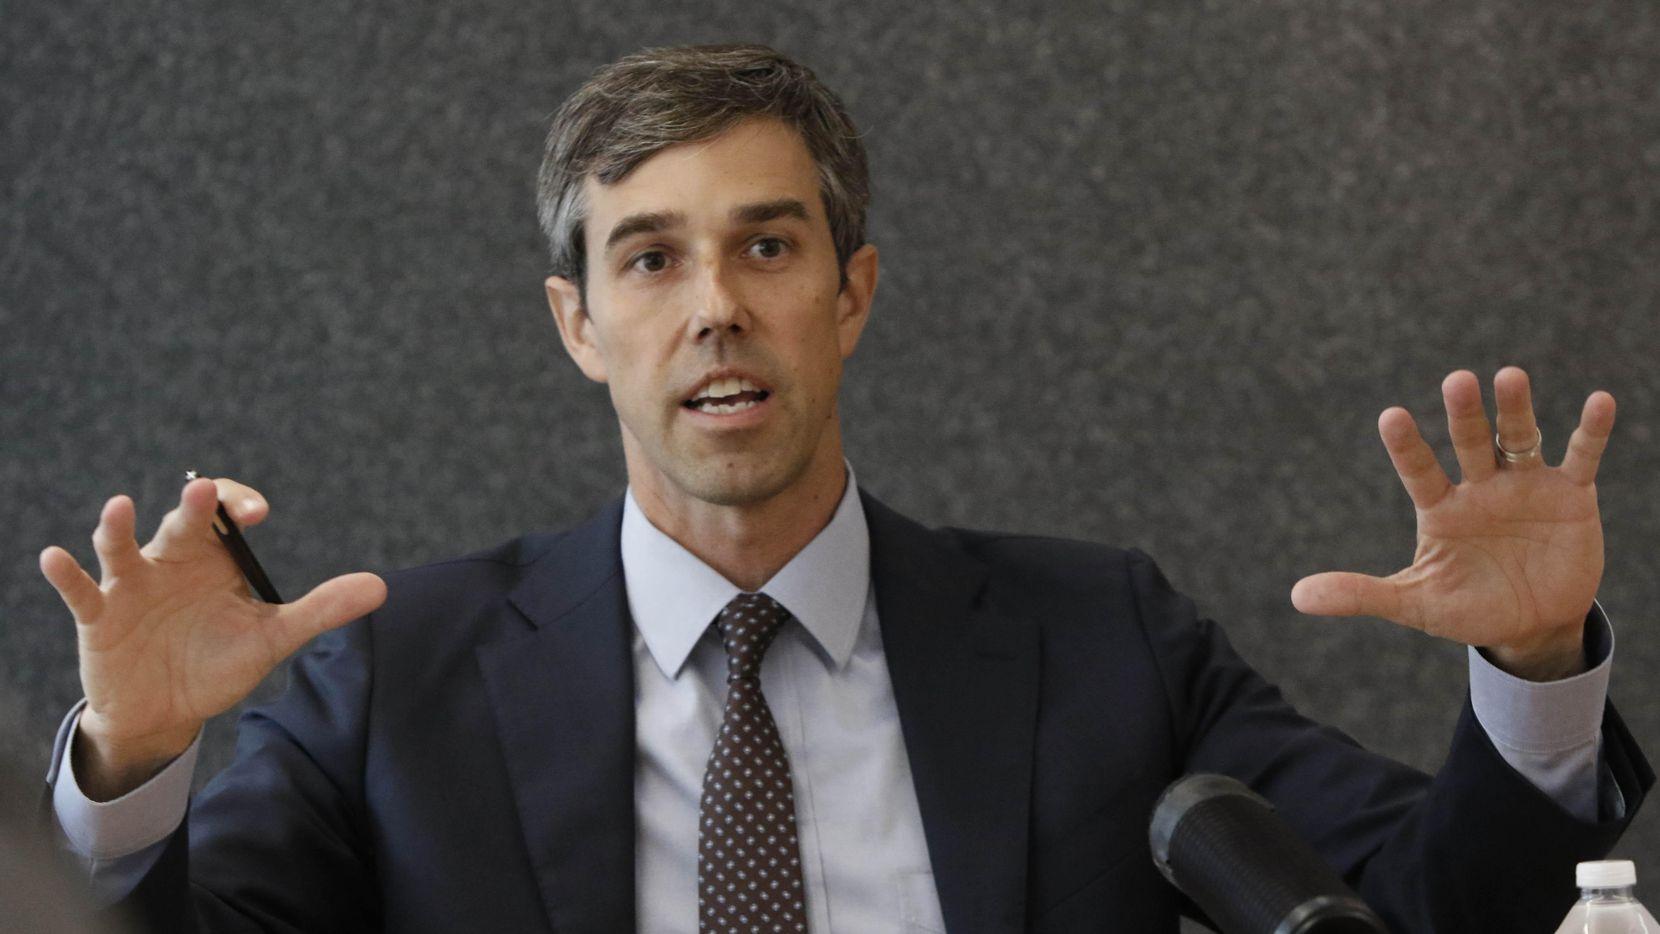 El congresista demócrata Beto O'Rourke expuso sus temas de campaña en reunión con la junta editorial de The Dallas Morning News y Al Día. (DMN/IRWIN THOMPSON)